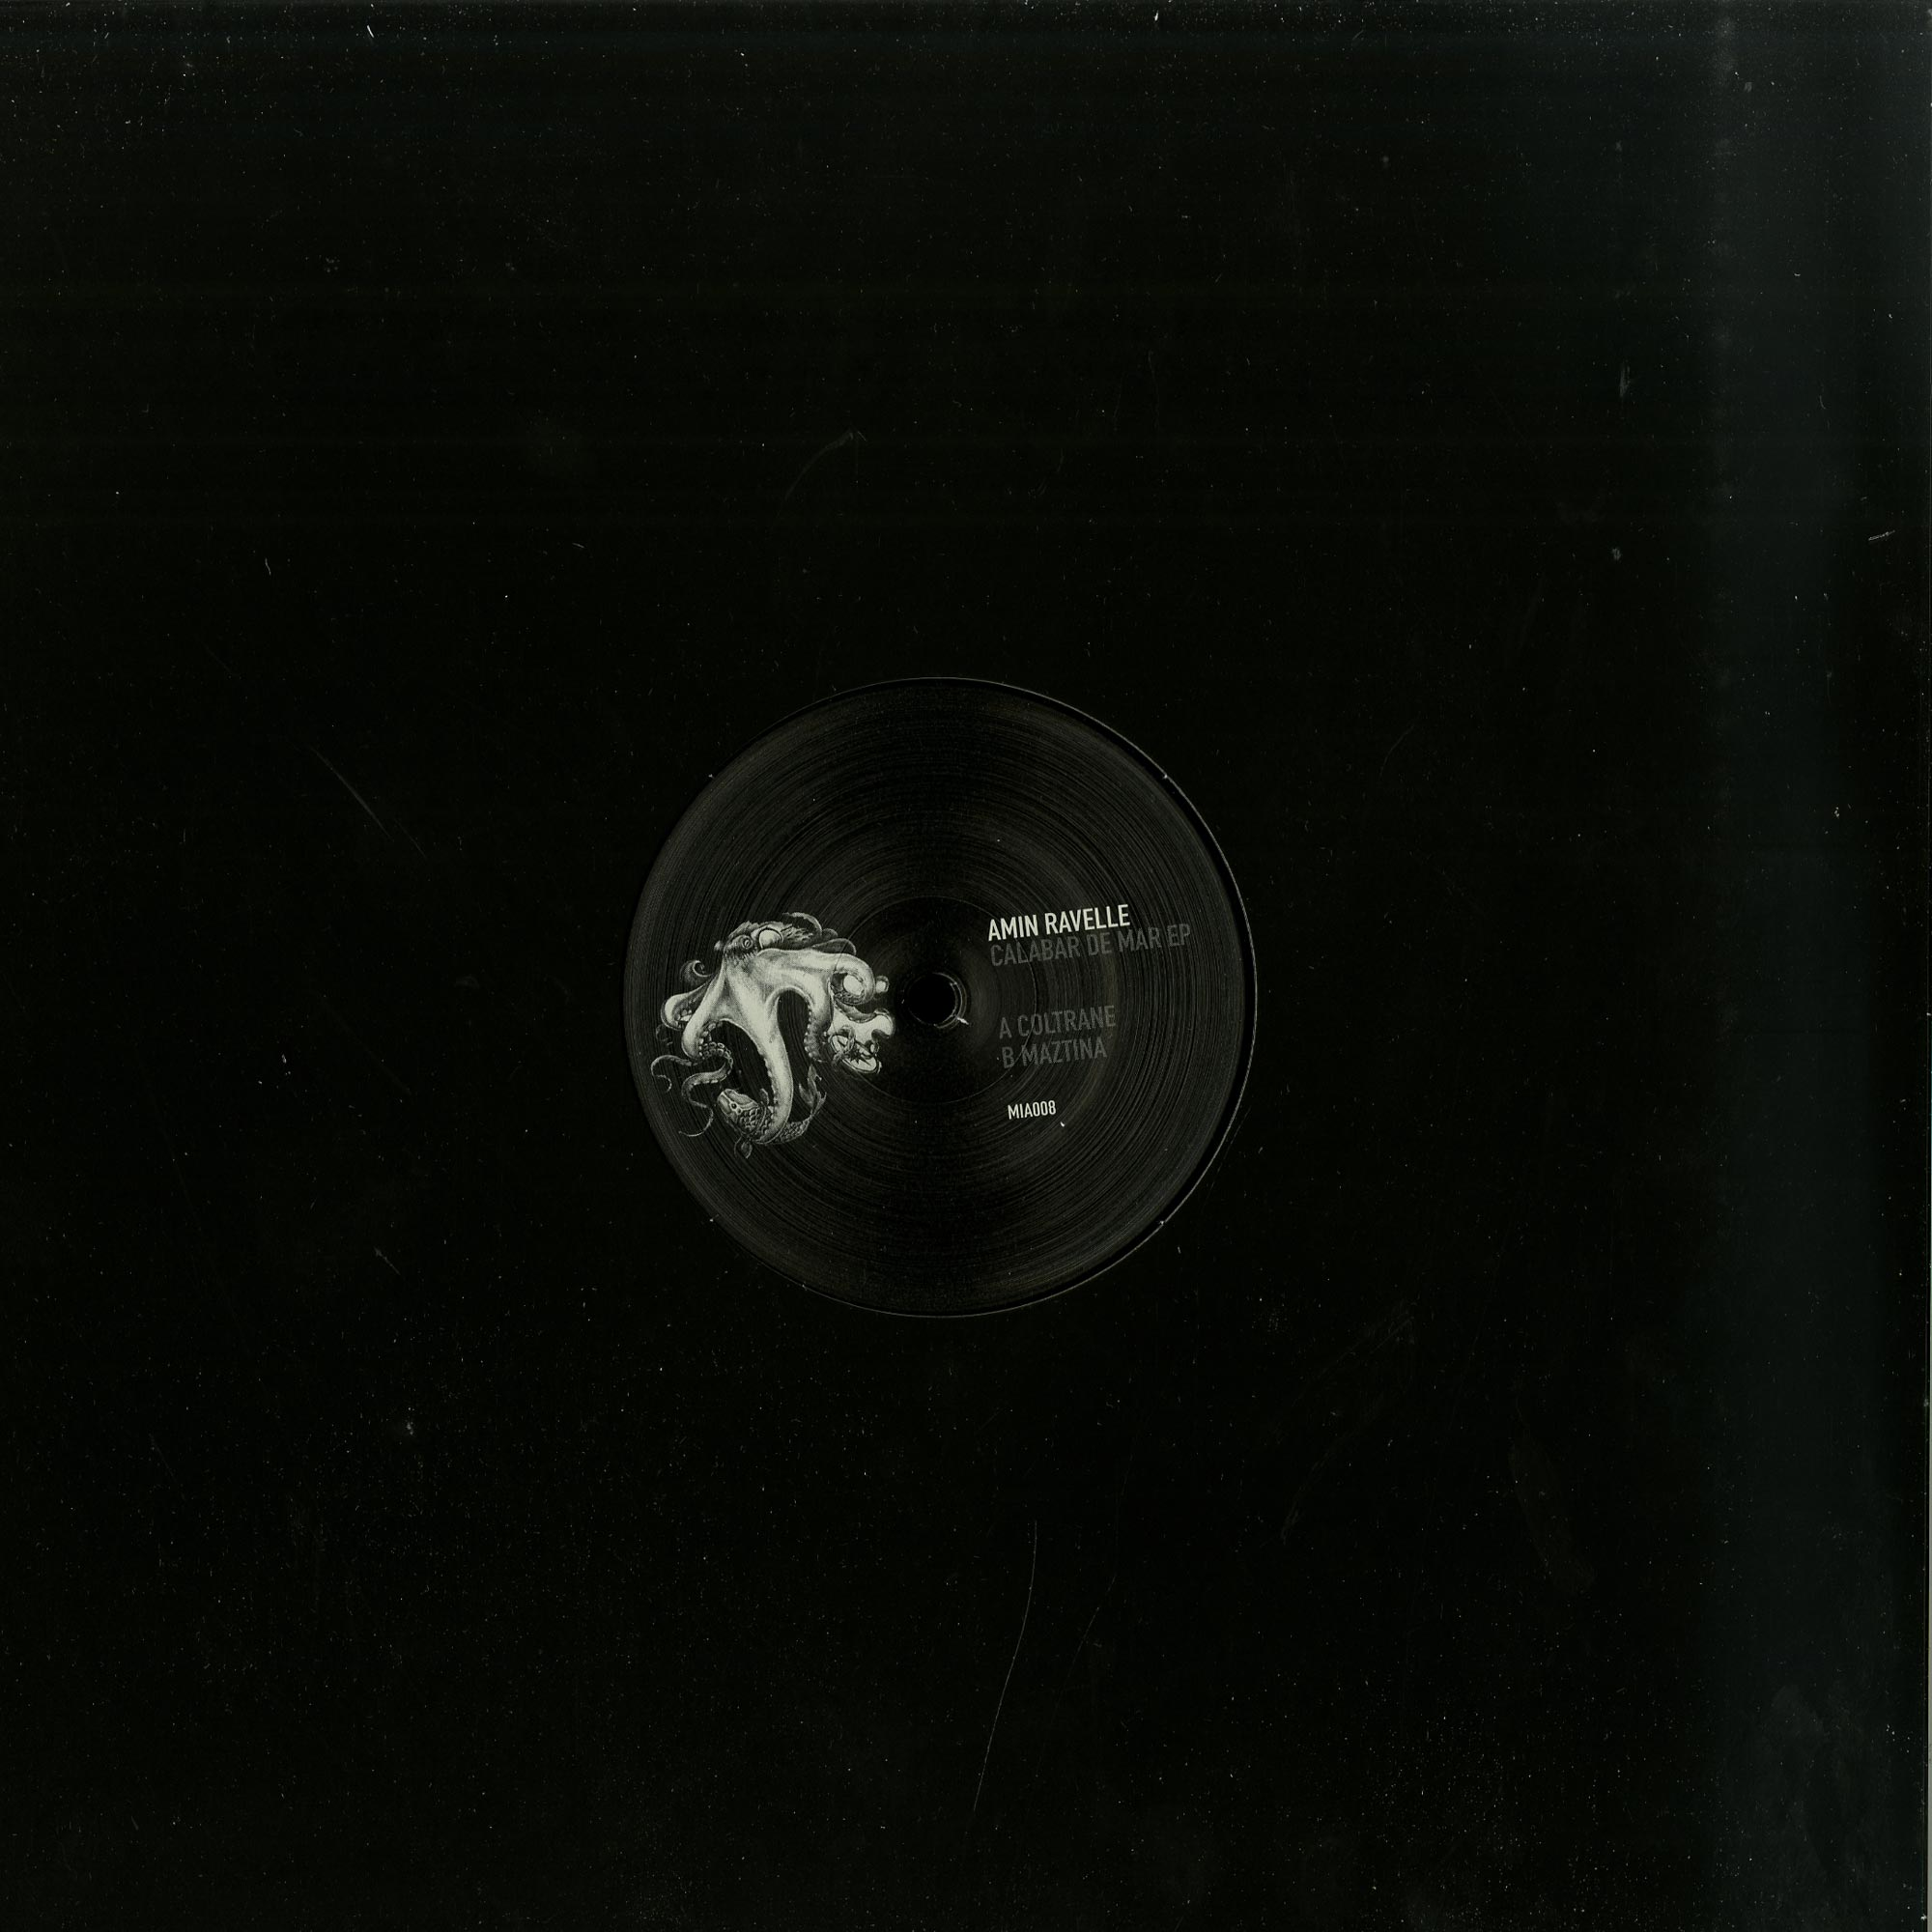 Amin Ravelle - CALABAR DE MAR EP